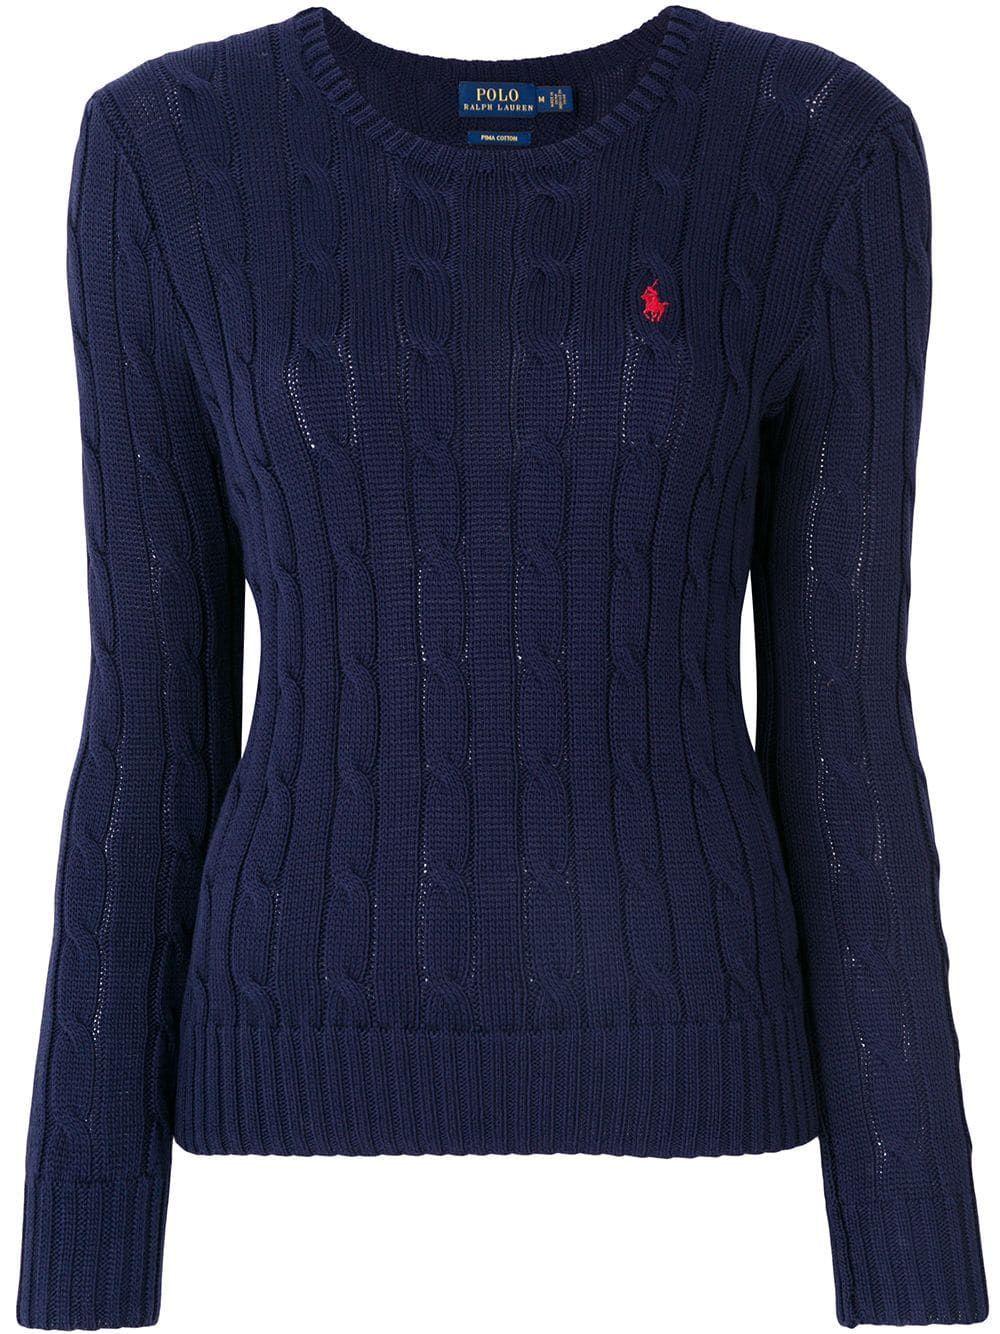 RALPH LAUREN WOMEN'S 211580009007 BLUE COTTON SWEATER